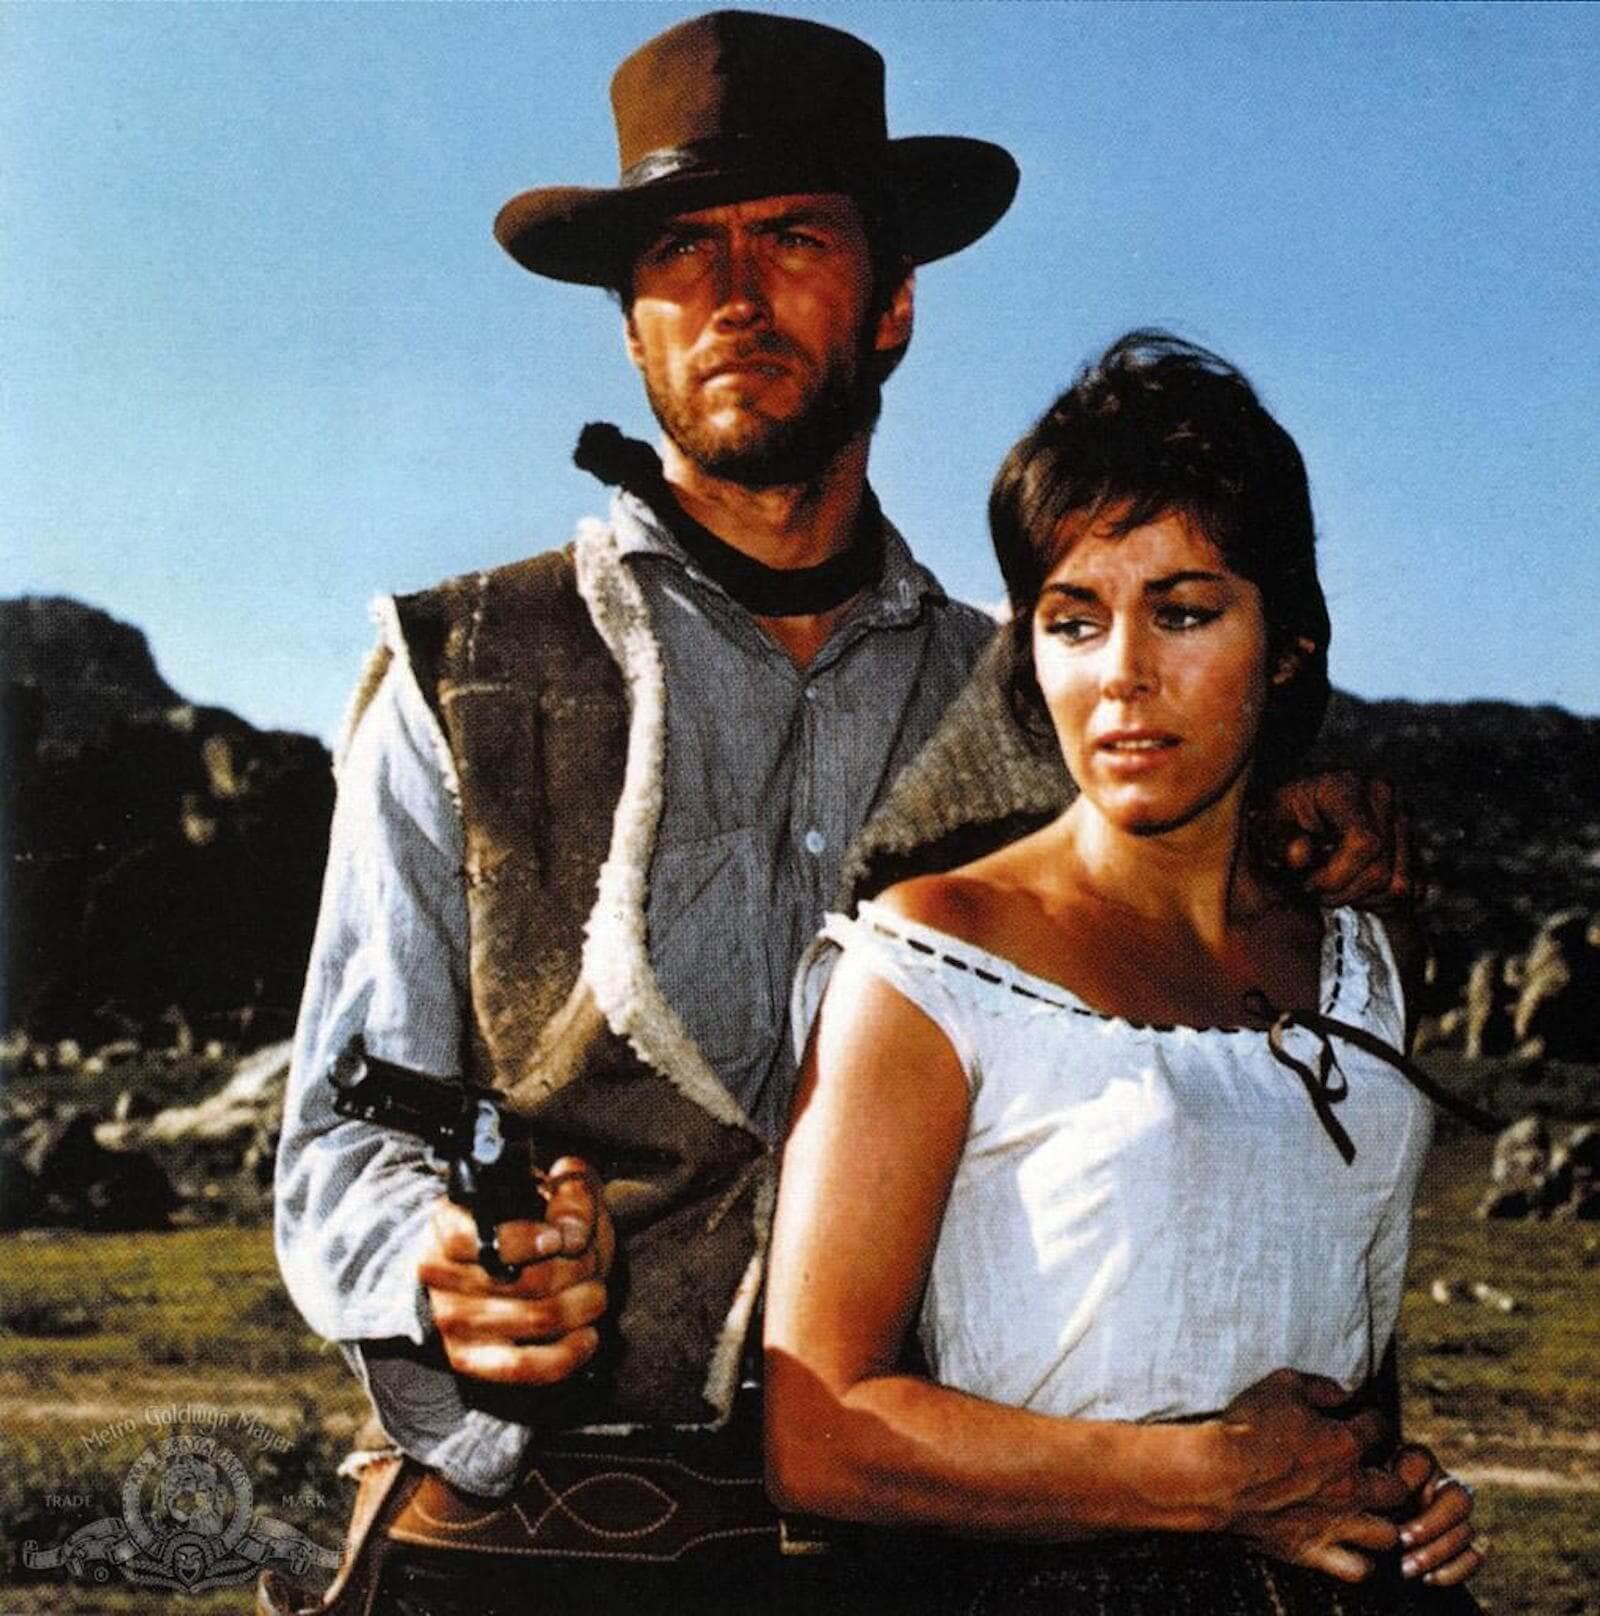 Modern Cowboy Shots Clint Marianne- StudioBinder